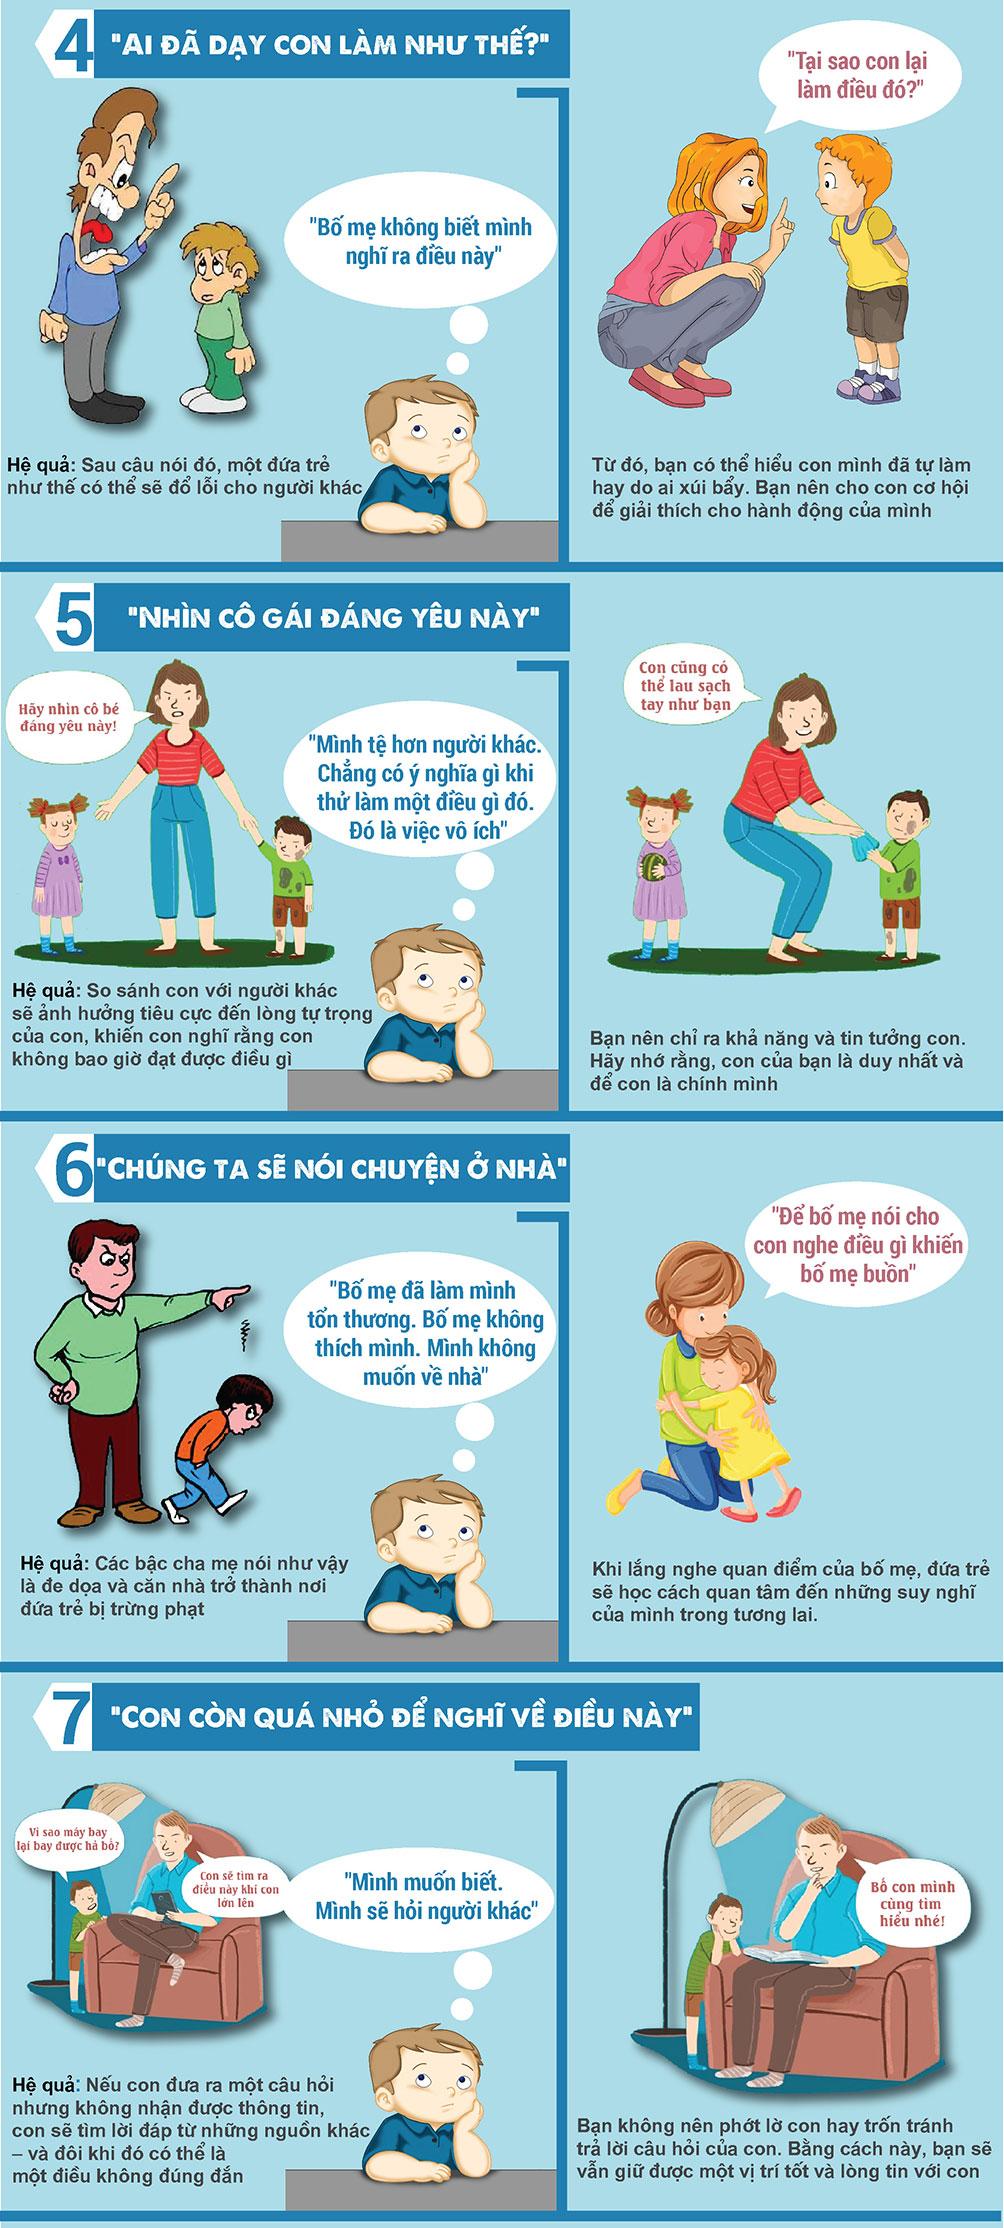 7 điều cha mẹ tuyệt đối tránh nói làm tổn thương trẻ - 2